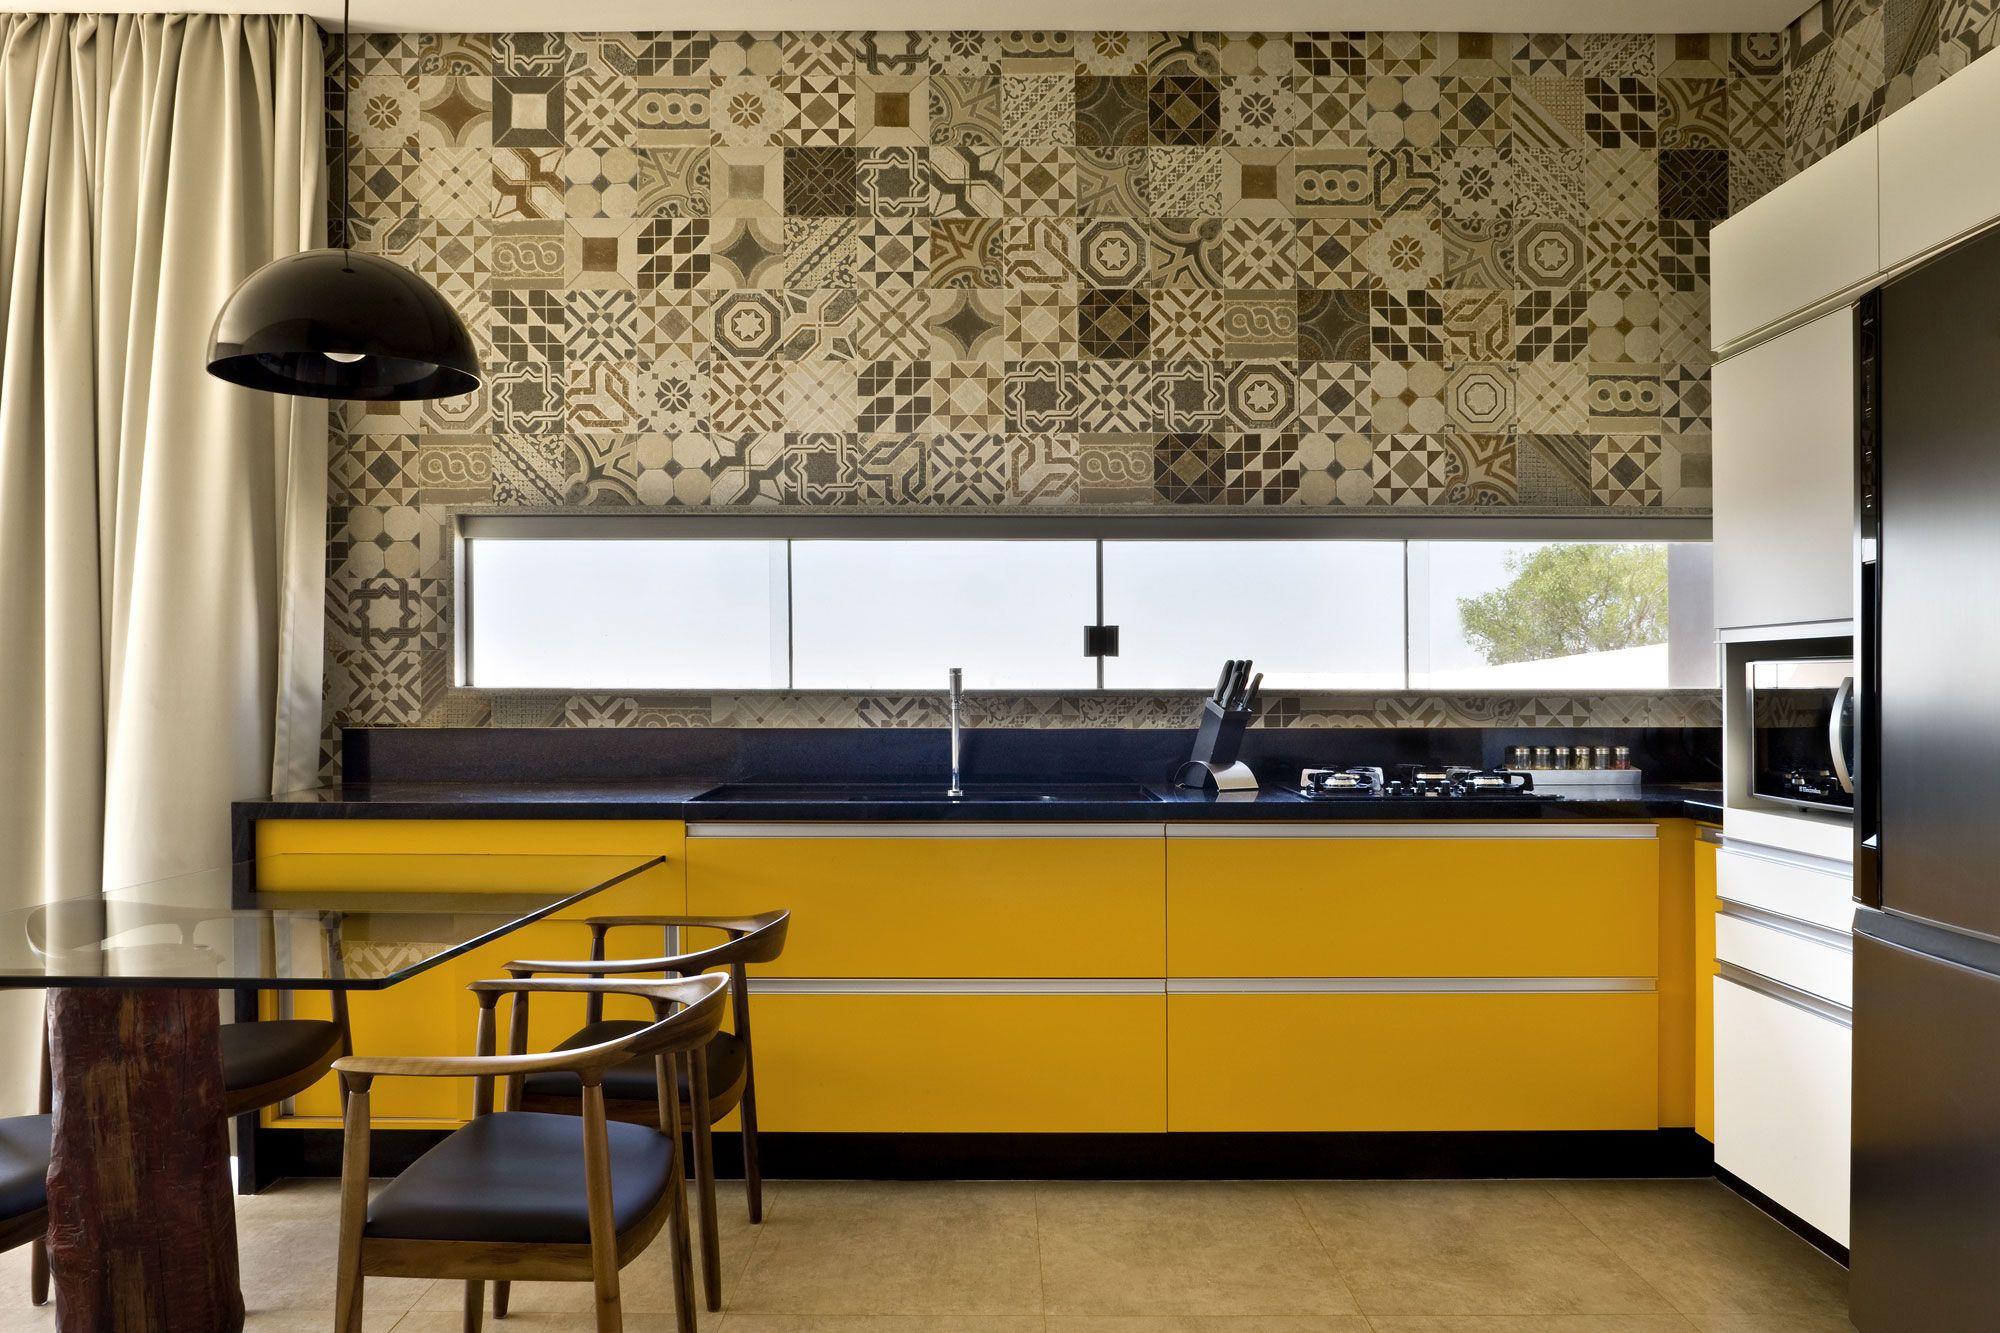 copertura muro cucina